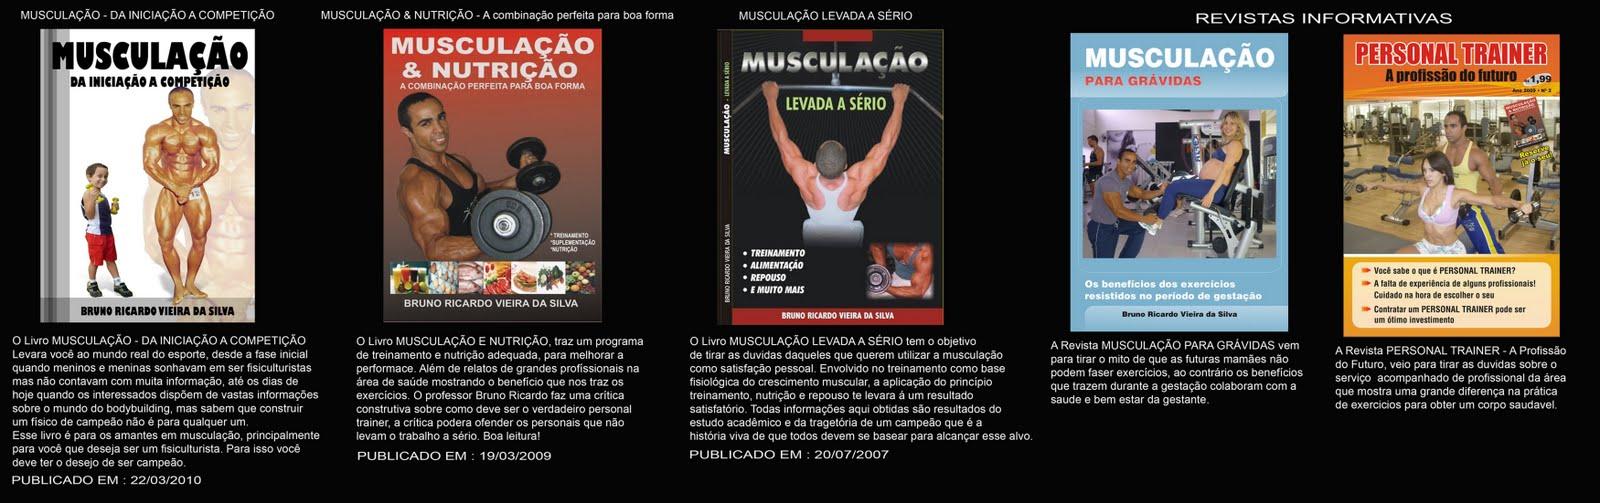 Publicações De Livros e Revistas do Professor